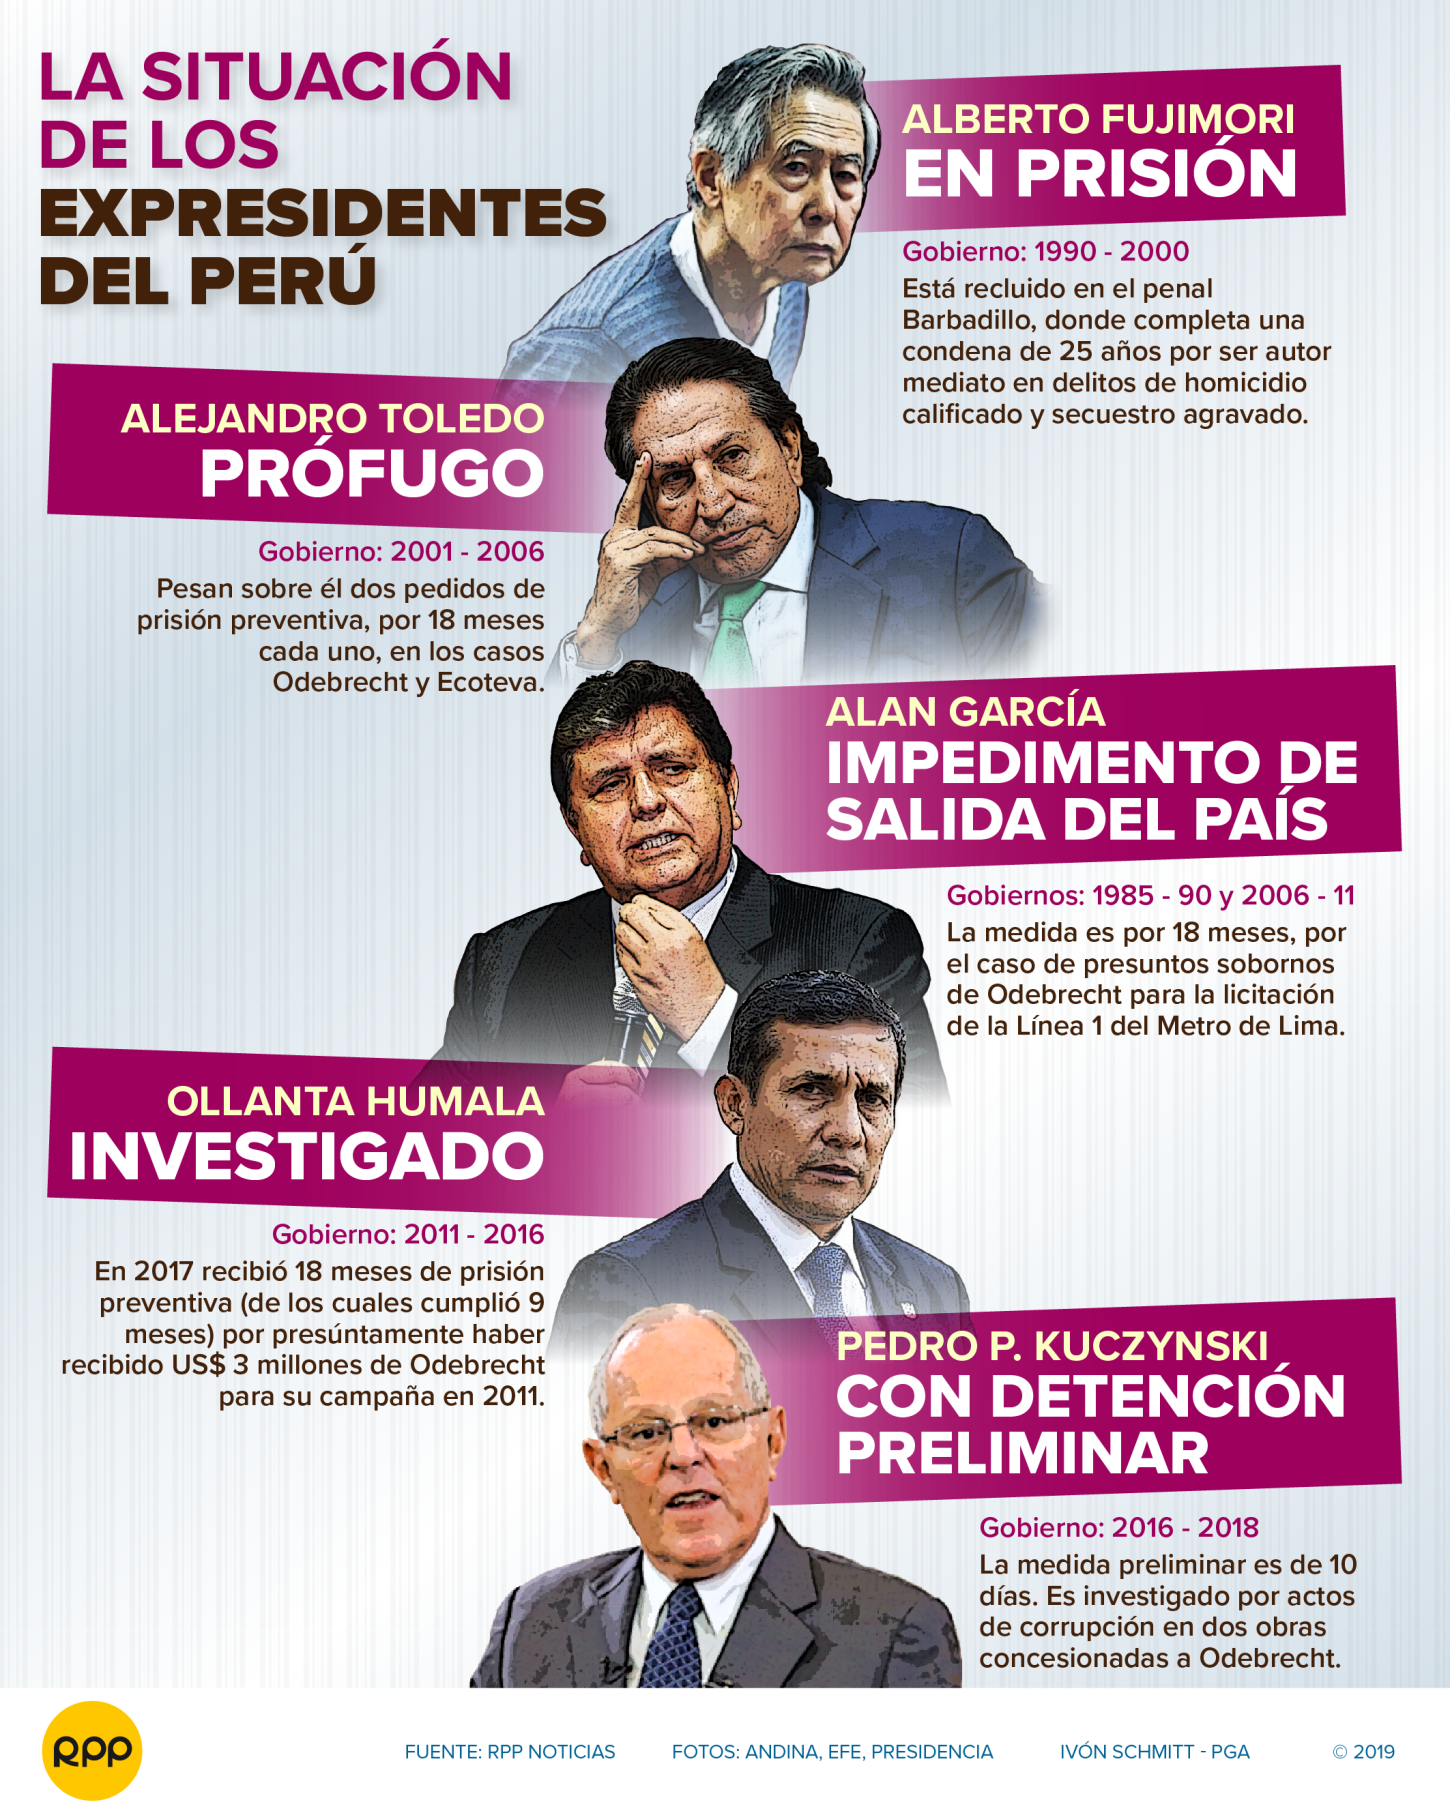 La situación de los expresidentes del Perú